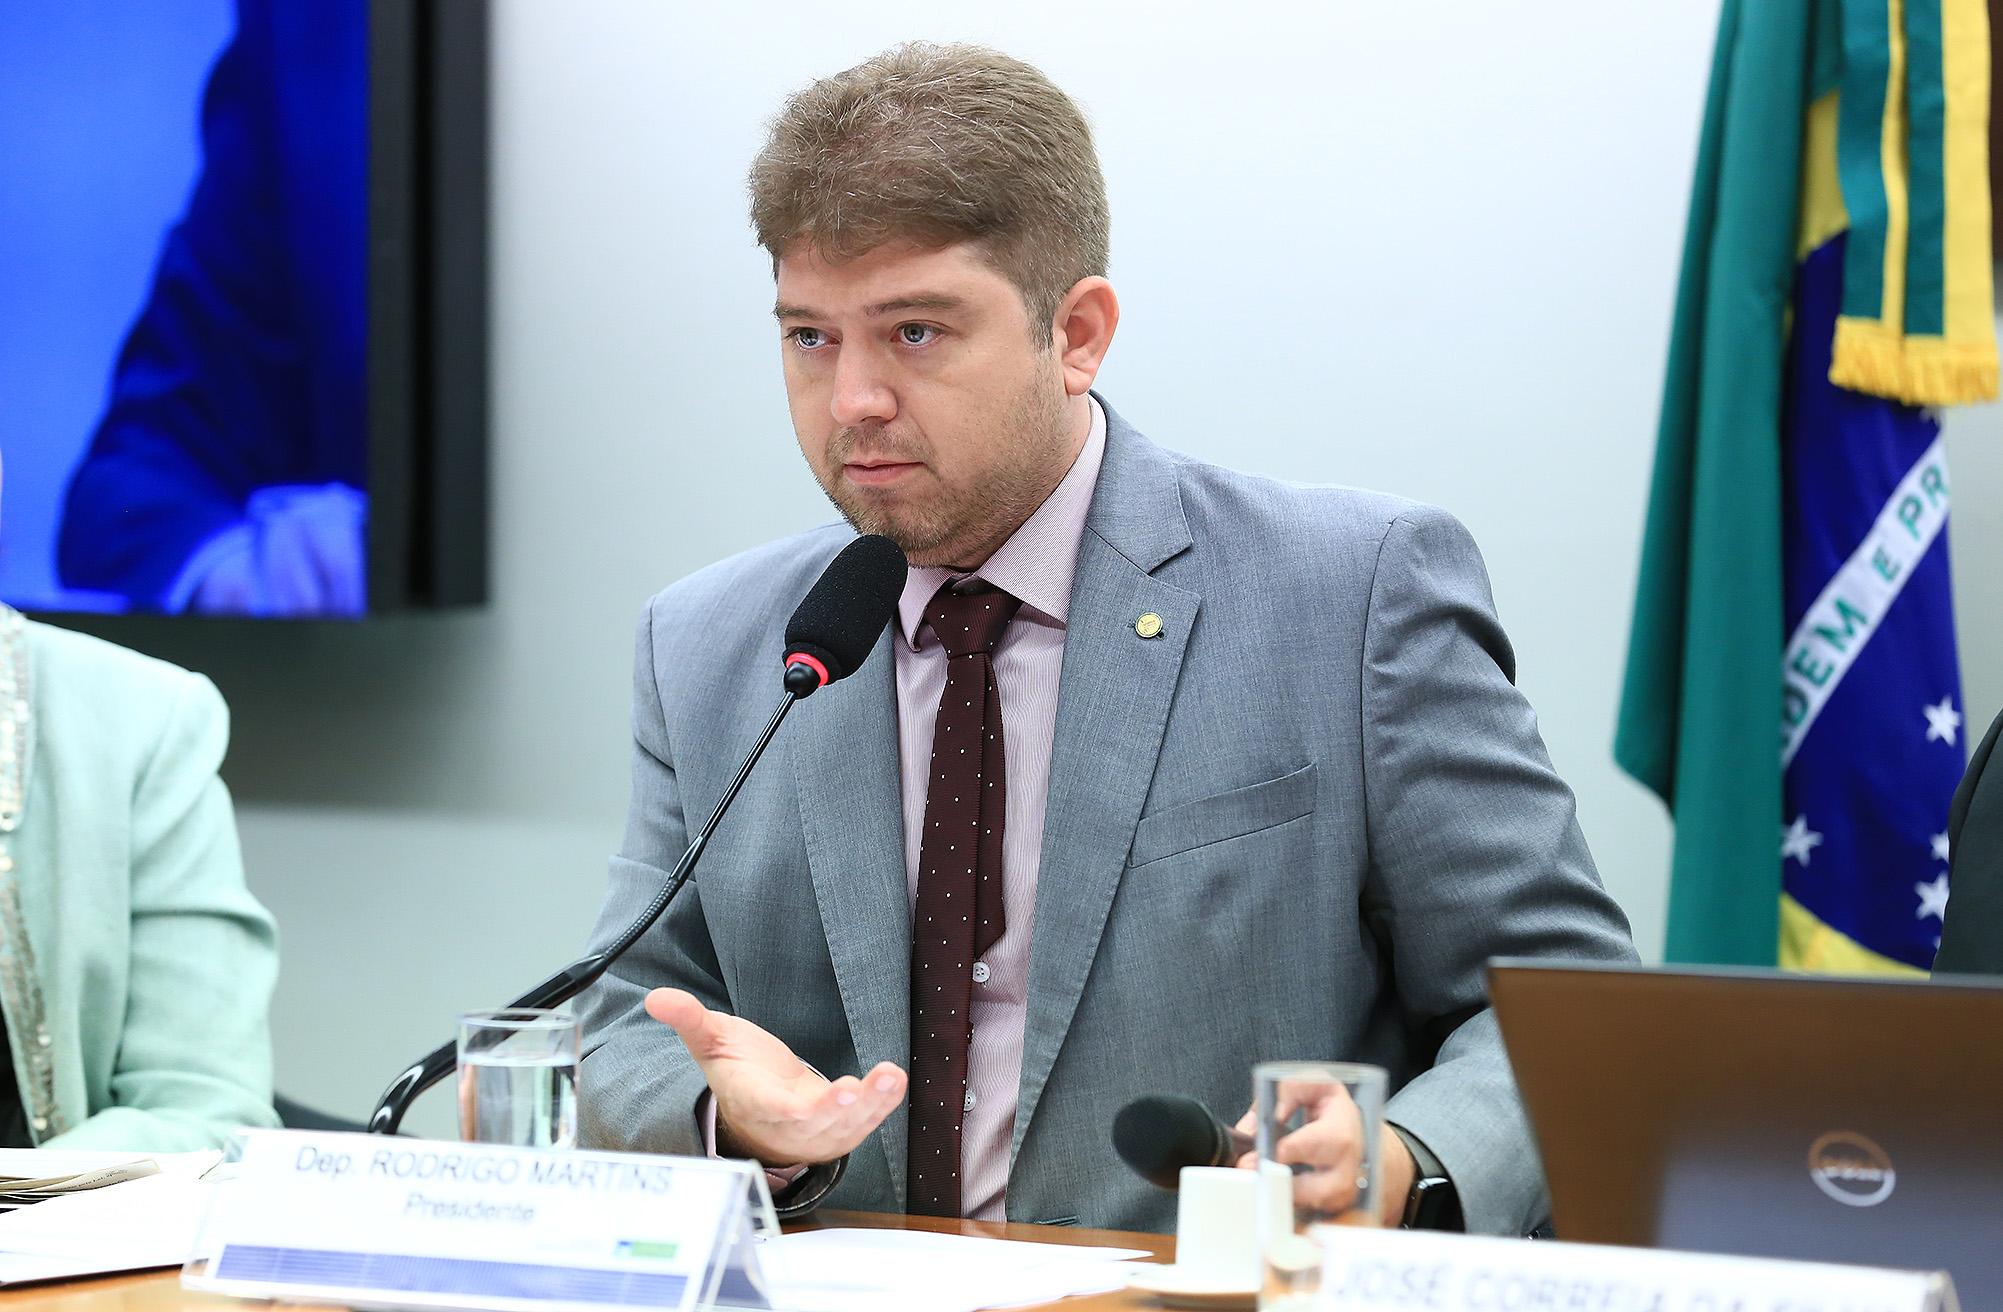 Audiência Pública sobre entraves para a regulamentação da produção, comercialização e consumo dos anorexígenos autorizados pela Lei nº 13.454/2017. Dep. Rodrigo Martins(PSB - PI)